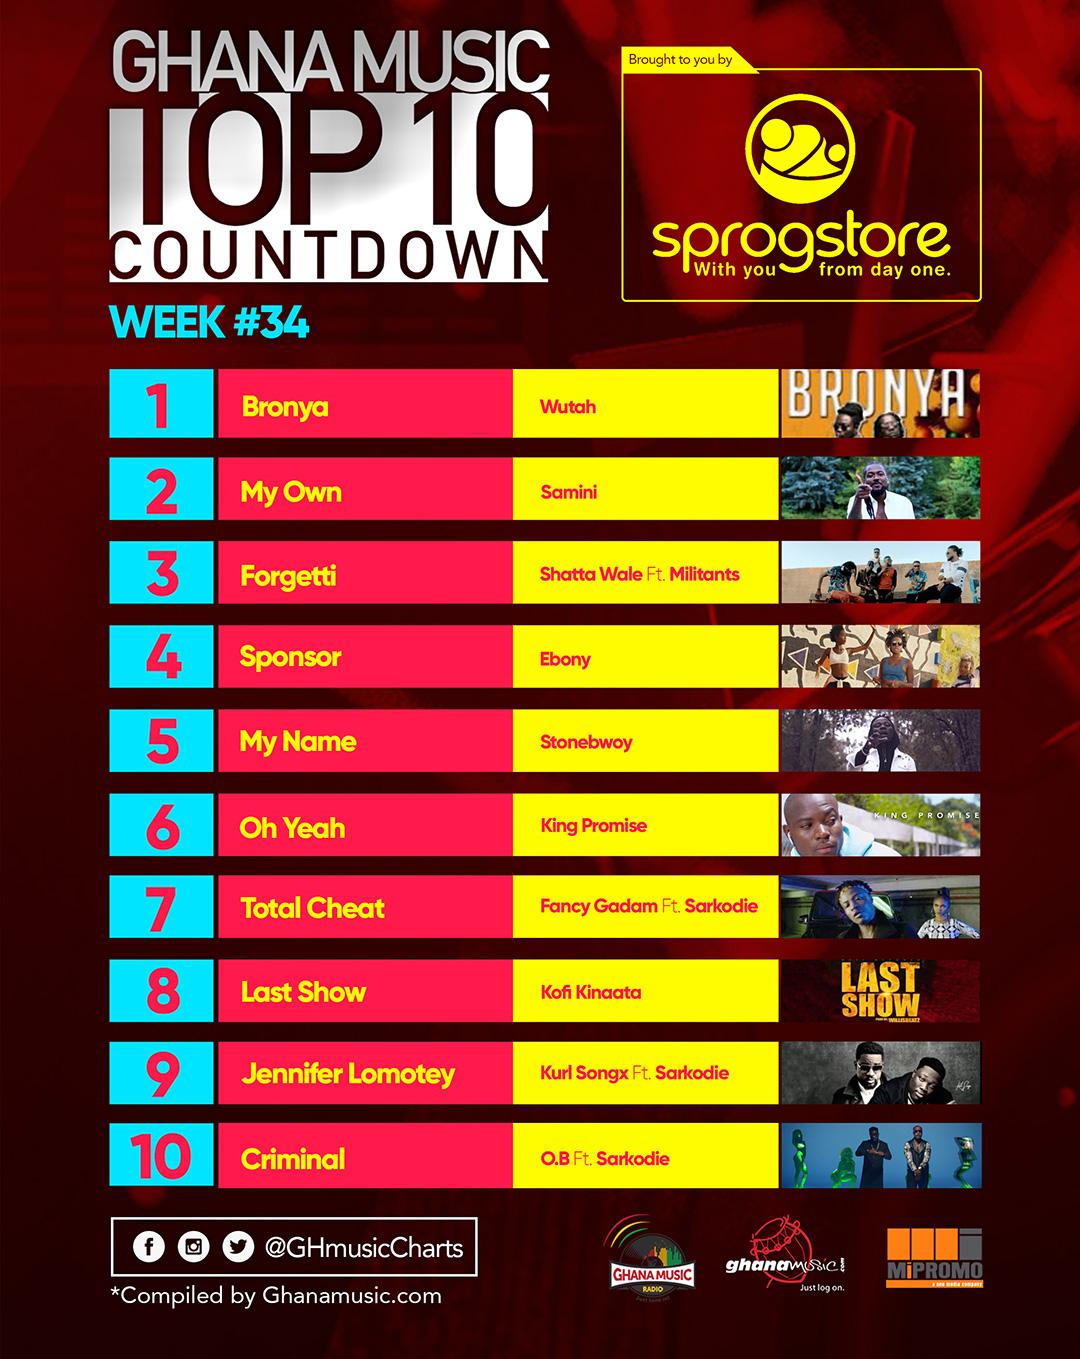 Week #34: Week ending Saturday, August 26th, 2017. Ghana Music Top 10 Countdown.